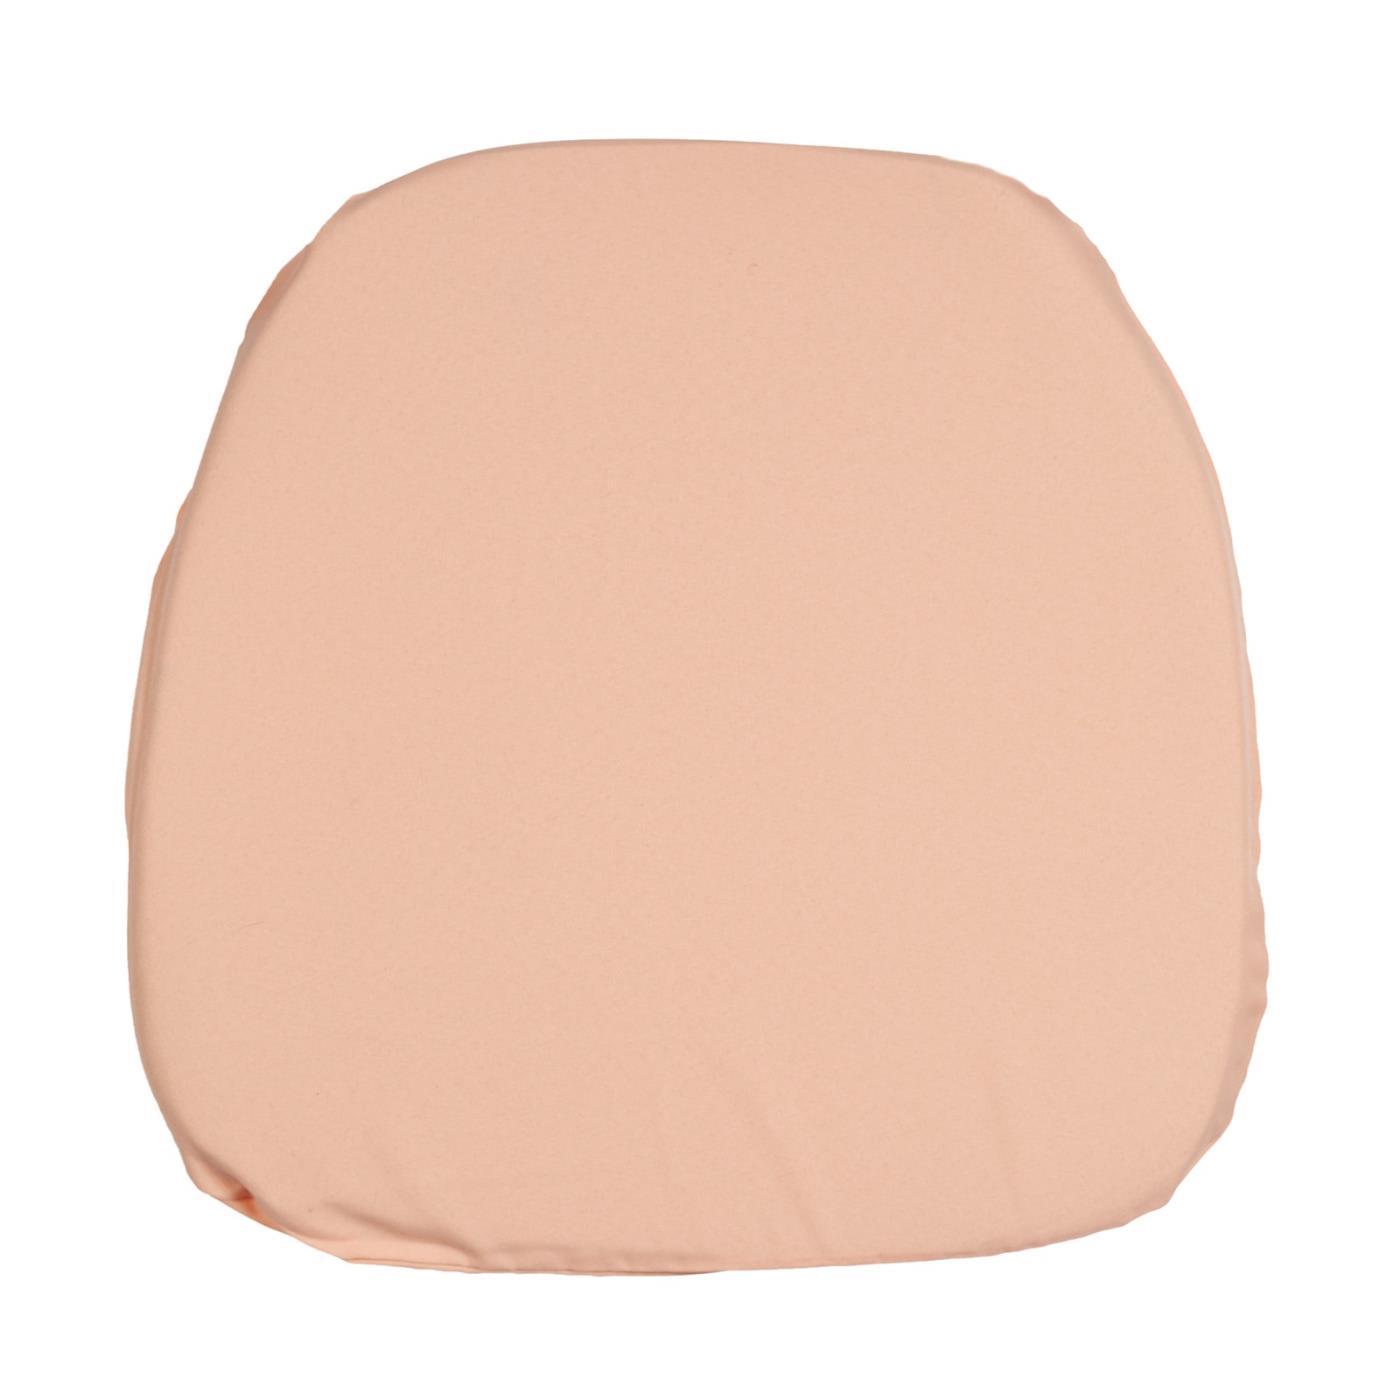 Poly Seat Cushion - Peach